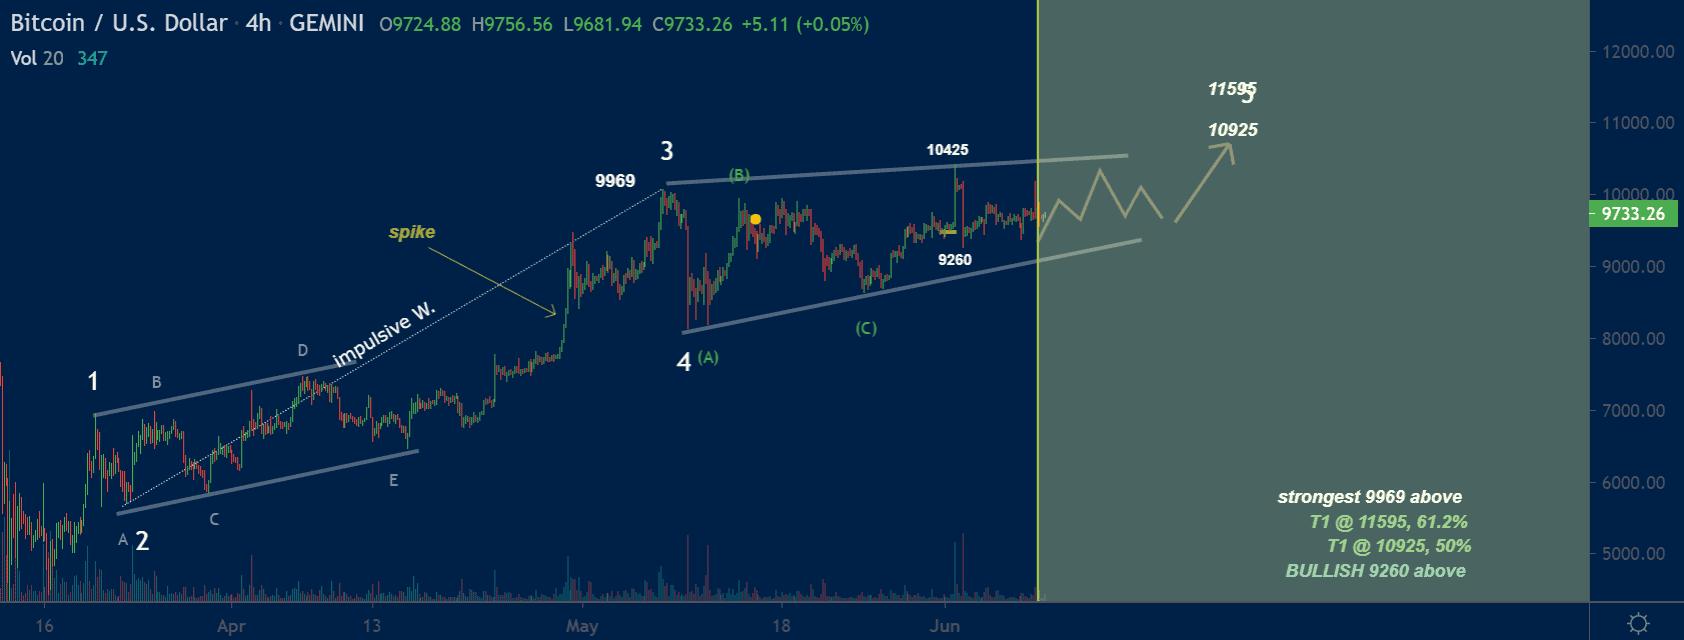 Bitcoin price chart 2 - Jun9